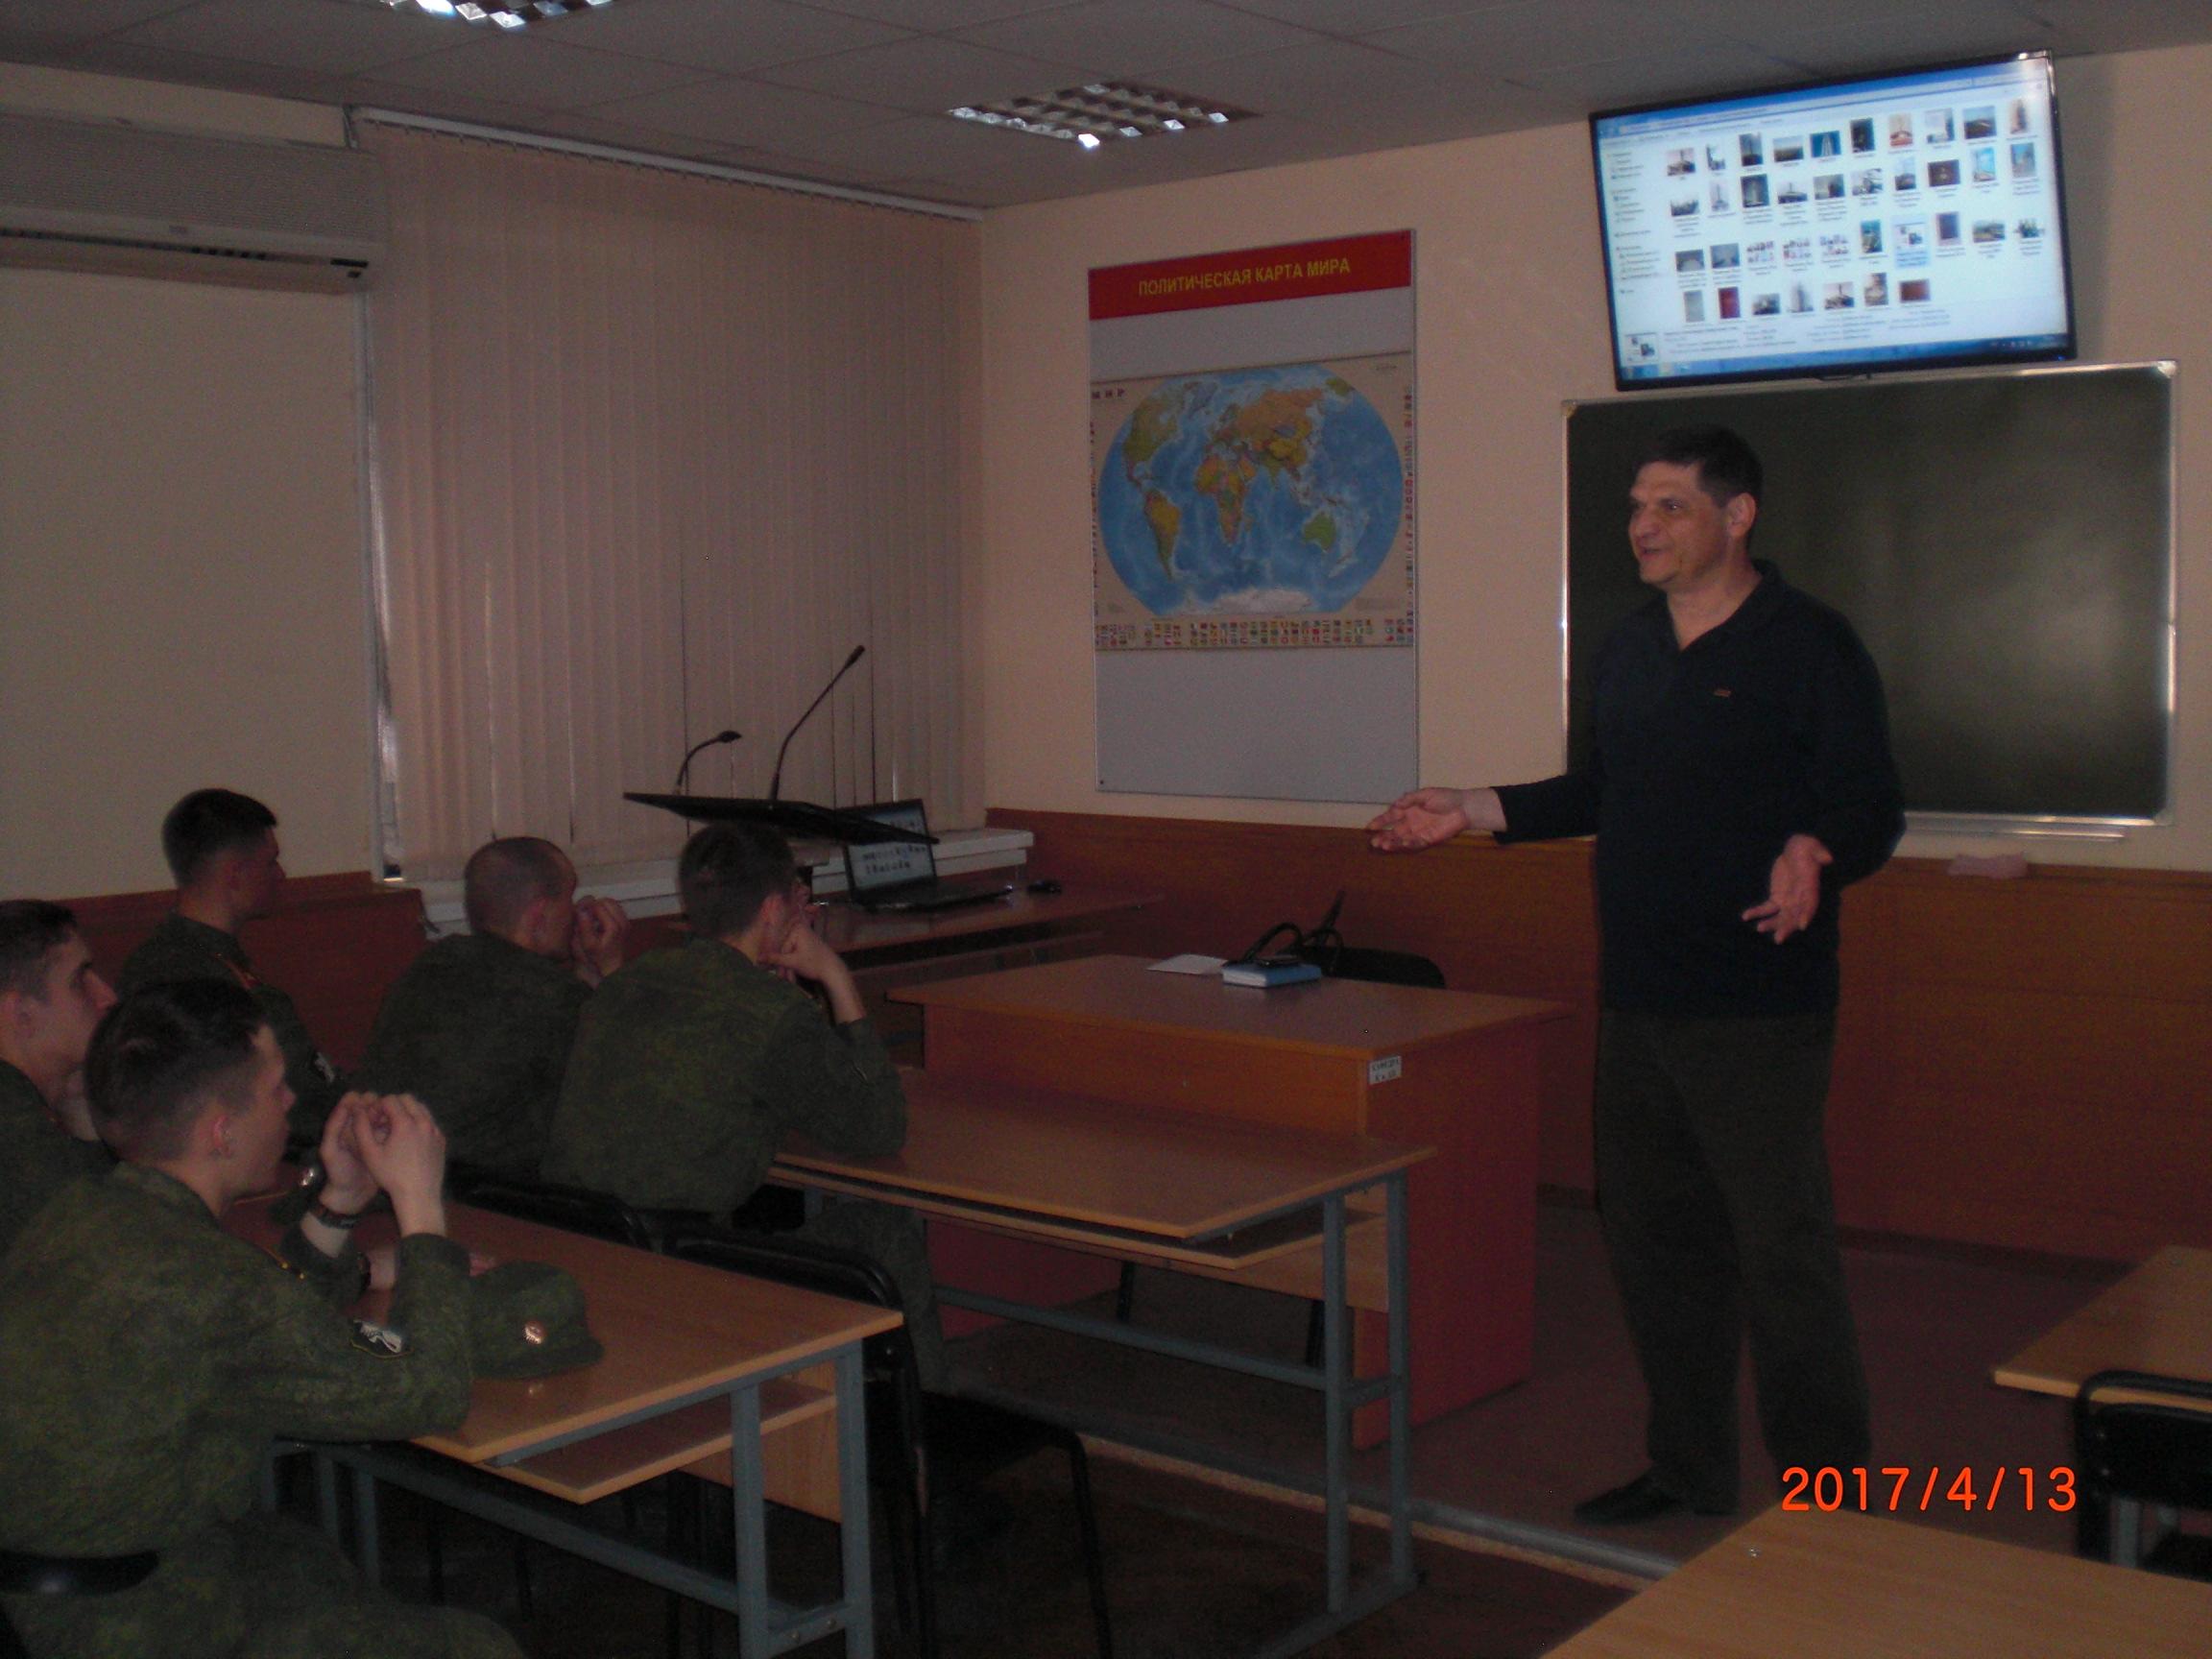 Будущие офицеры войск национальной гвардии РФ узнают о достопримечательностях Саратова